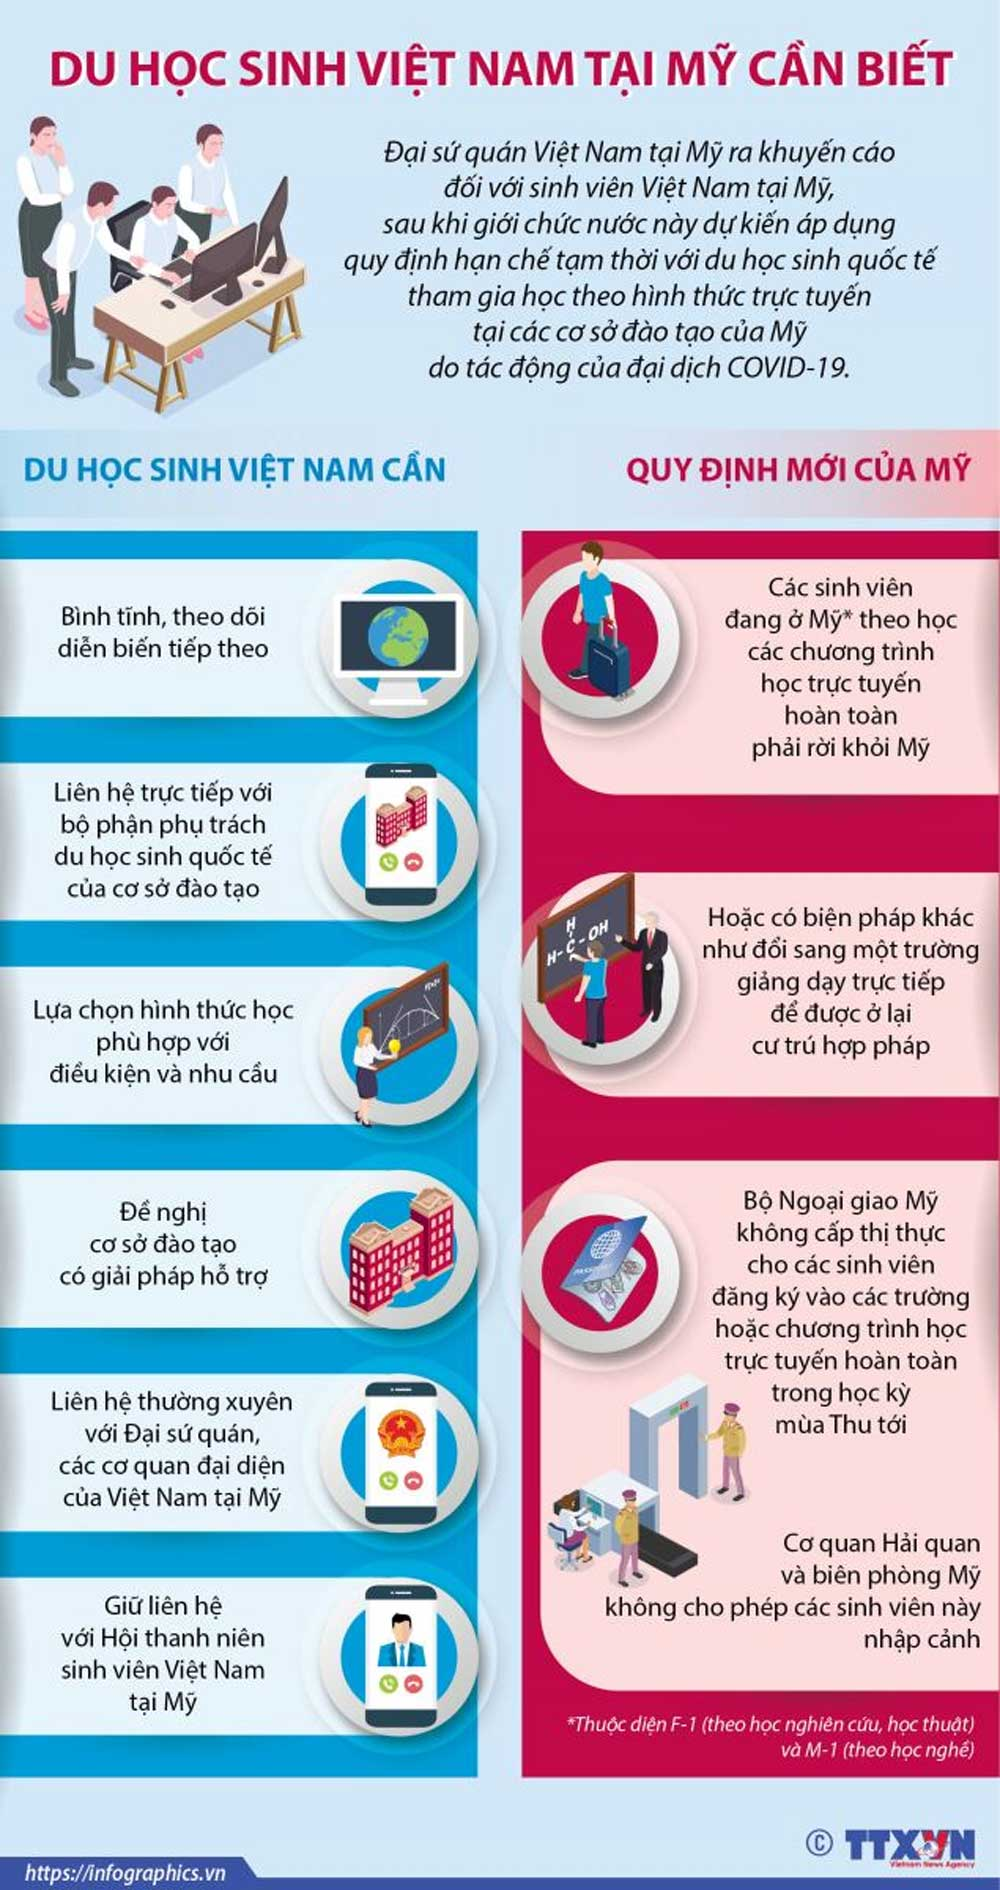 Du học sinh, Việt Nam, tại Mỹ, điều cần biết, đại dịch Covid-19, các cơ sở đào tạo, du học sinh quốc tế, học trực tuyến